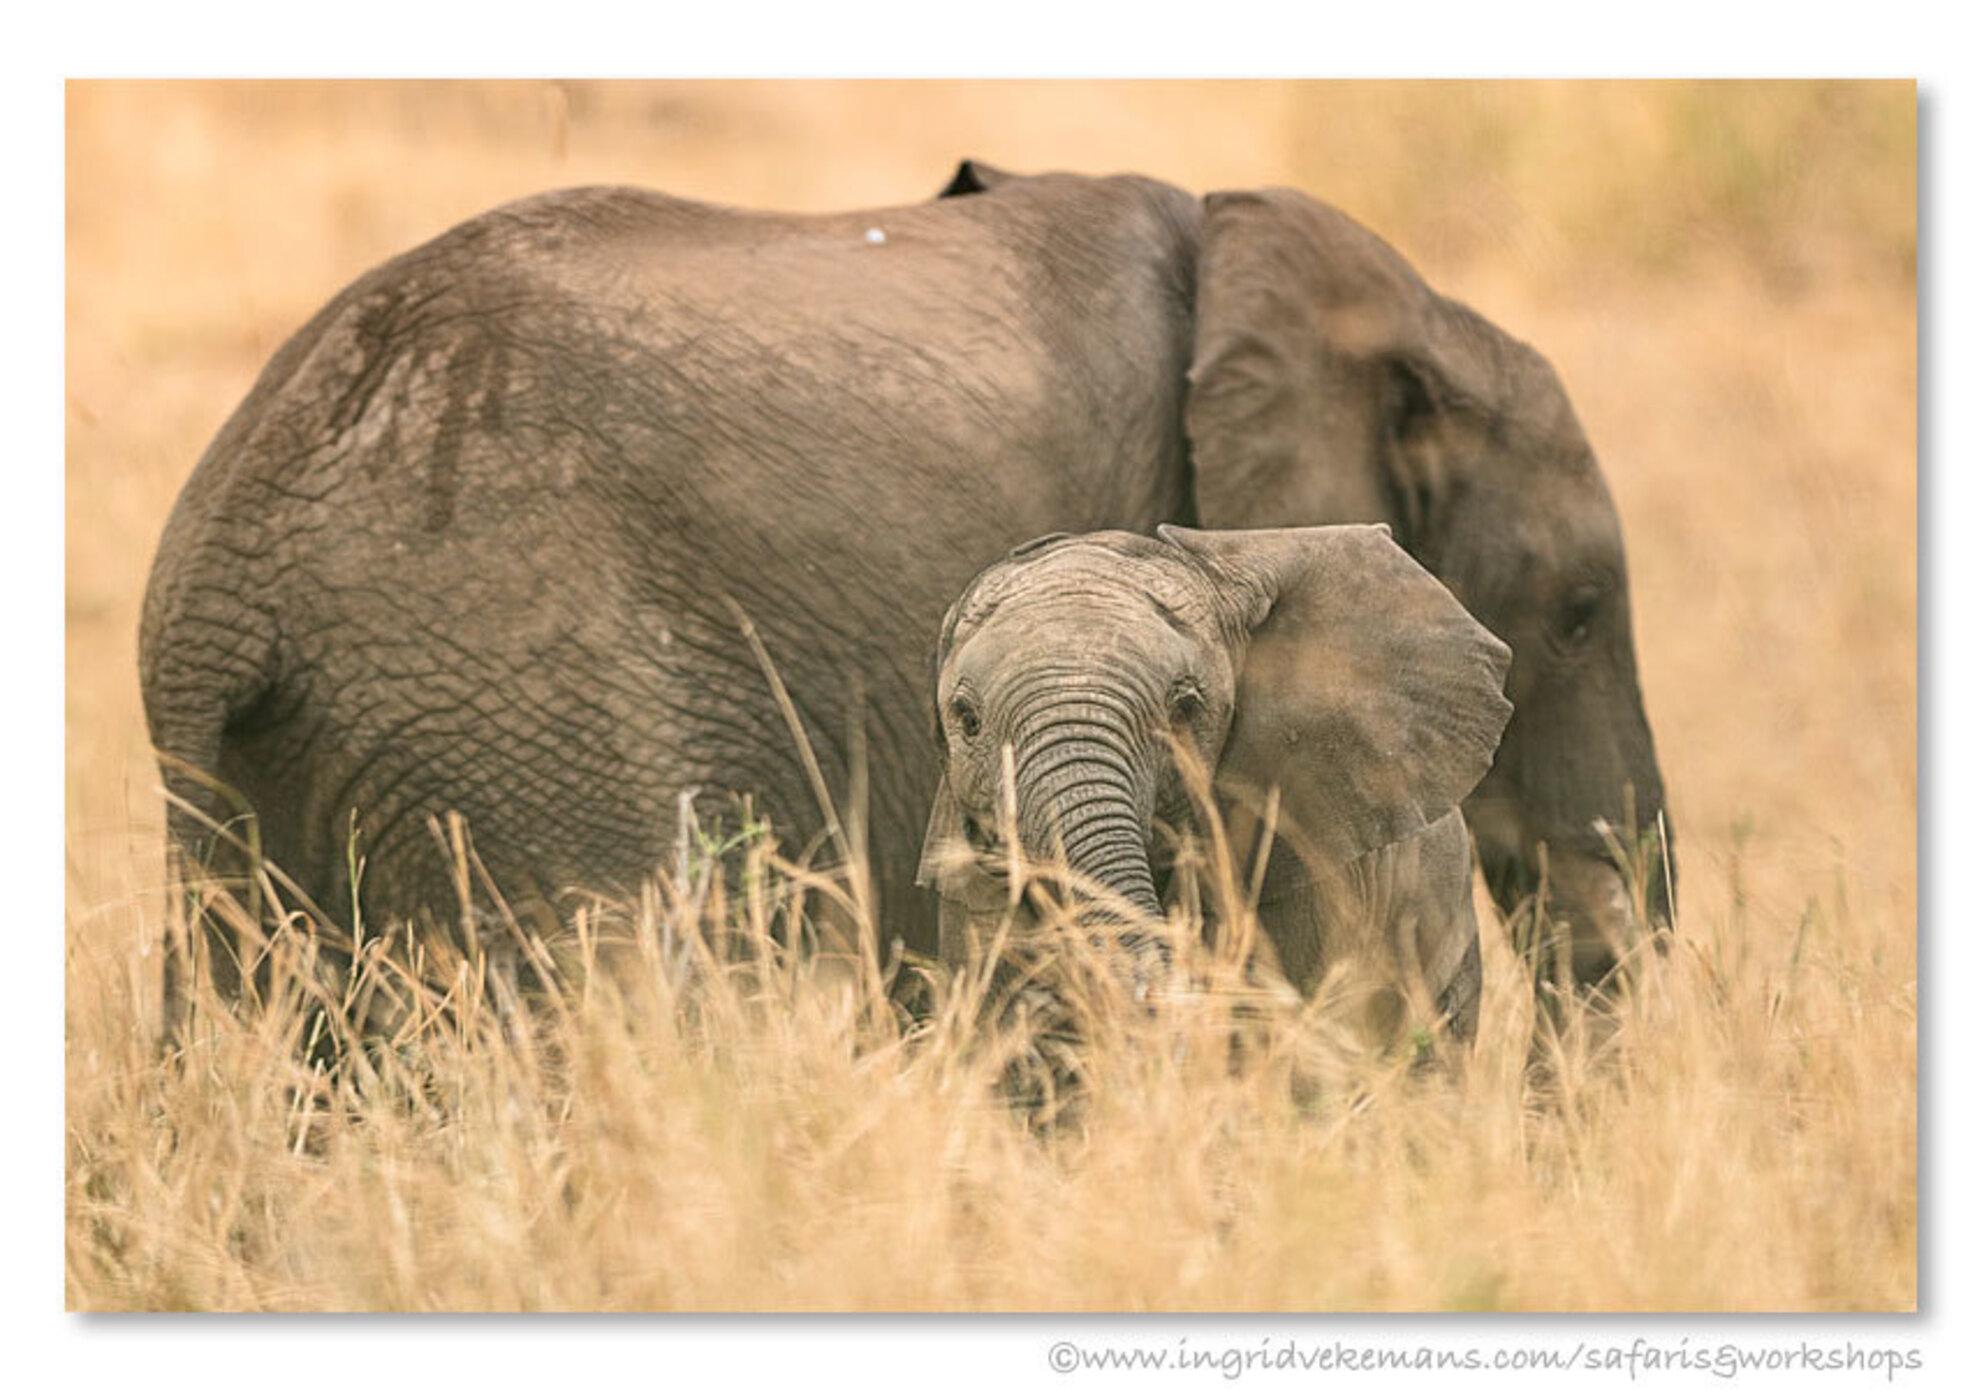 Rebel Rebel - Speelse baby-olifant in Tarangire National Park. Tarangire is, behalve dat het een zeer pittoresk park is, ook bekend voor zijn grote populatie olifa - foto door IngridVekemans op 13-02-2016 - deze foto bevat: natuur, dieren, safari, olifant, baby, afrika, wildlife, jong, tanzania, cursus, workshop, tarangire, fotosafari